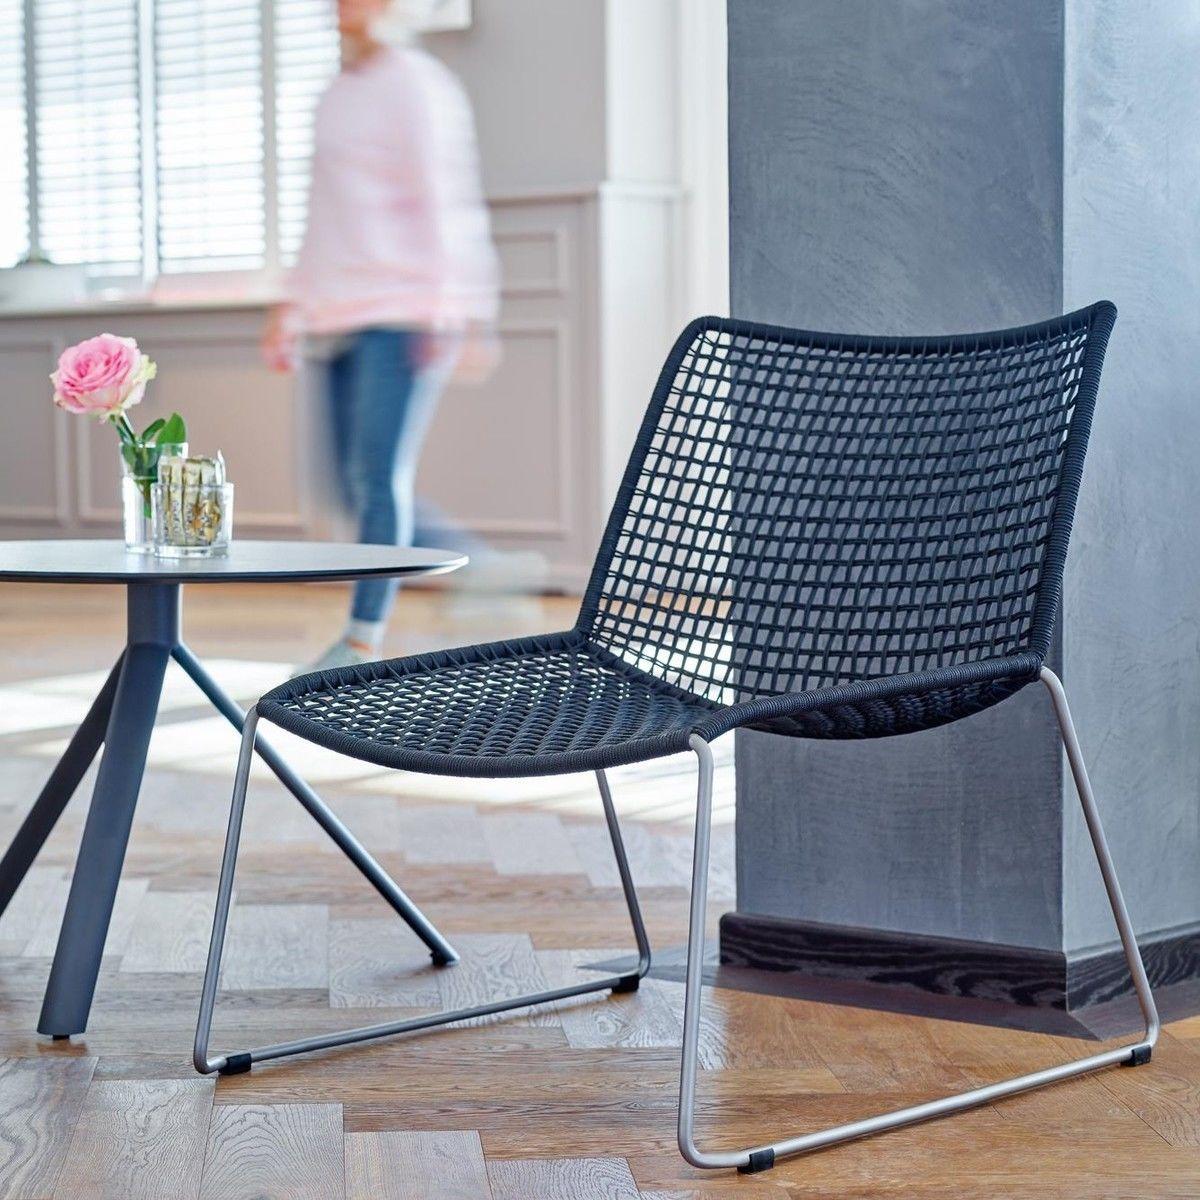 slope garten loungestuhl weish upl. Black Bedroom Furniture Sets. Home Design Ideas